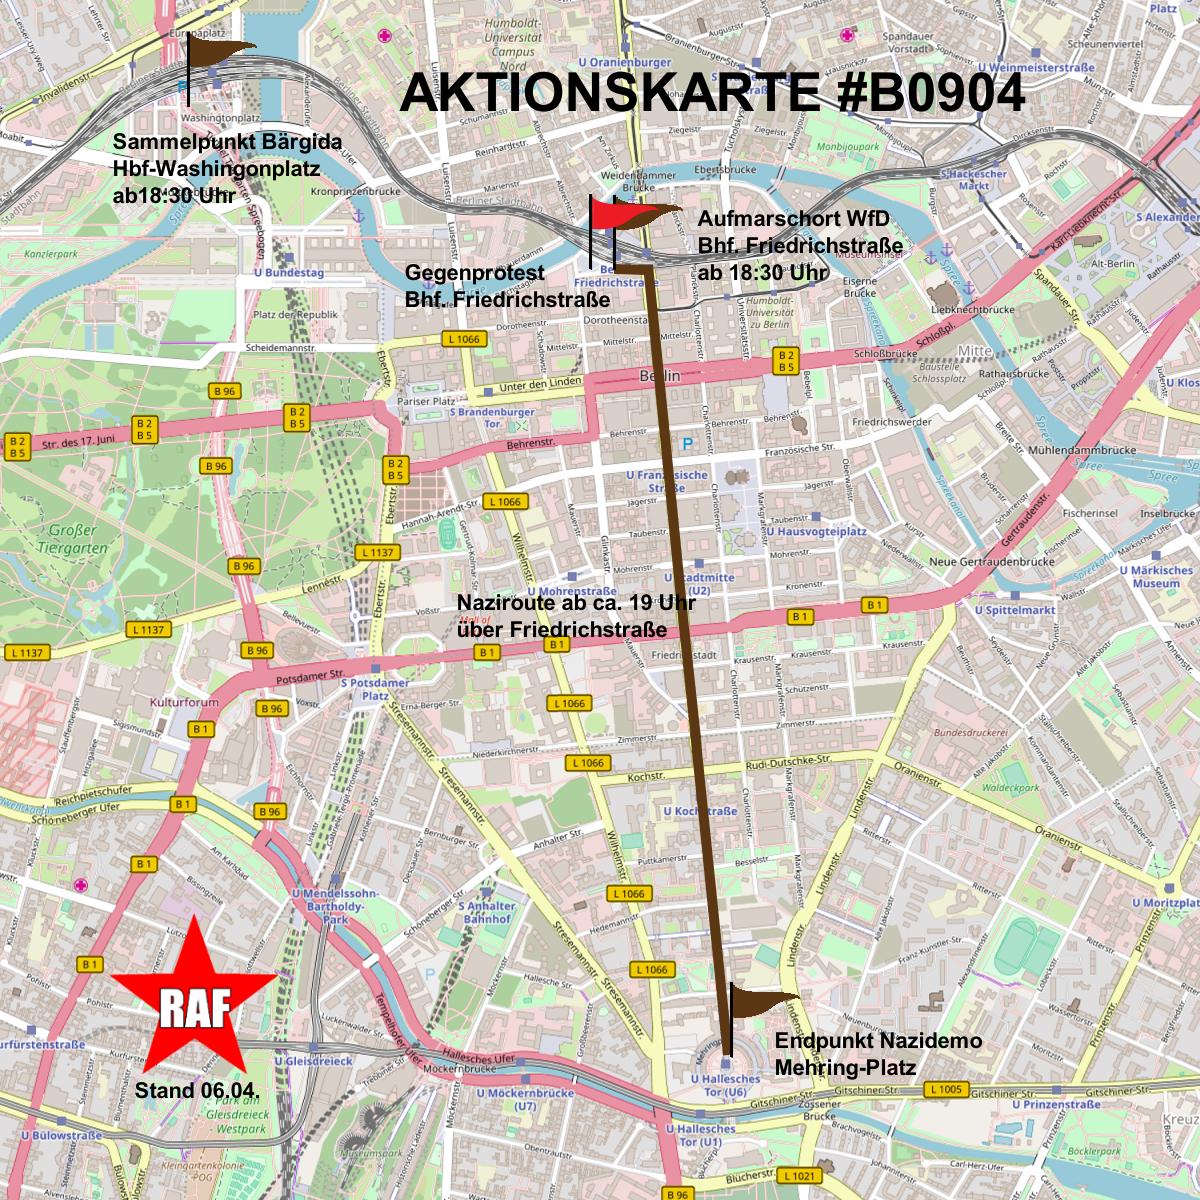 Antifaschistische Aktionen gegen den Aufmarsch von Bärgida und WfD am 9. April